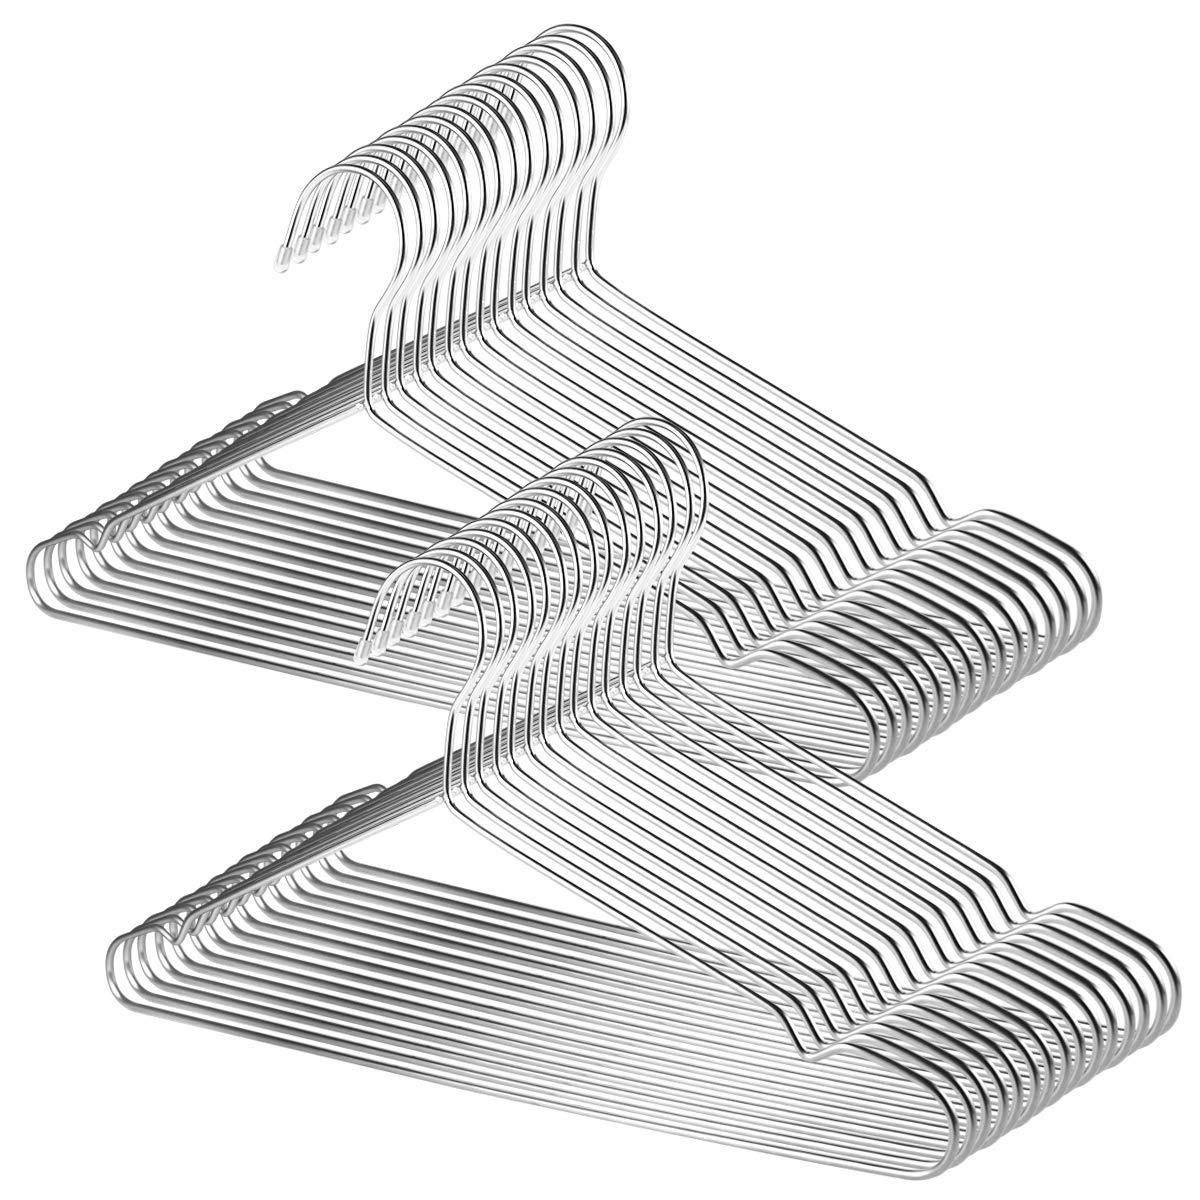 TUXWANG 18/10 Perchas de Acero Inoxidable 30 Piezas un Conjunto Perchas de Alambre Metálico